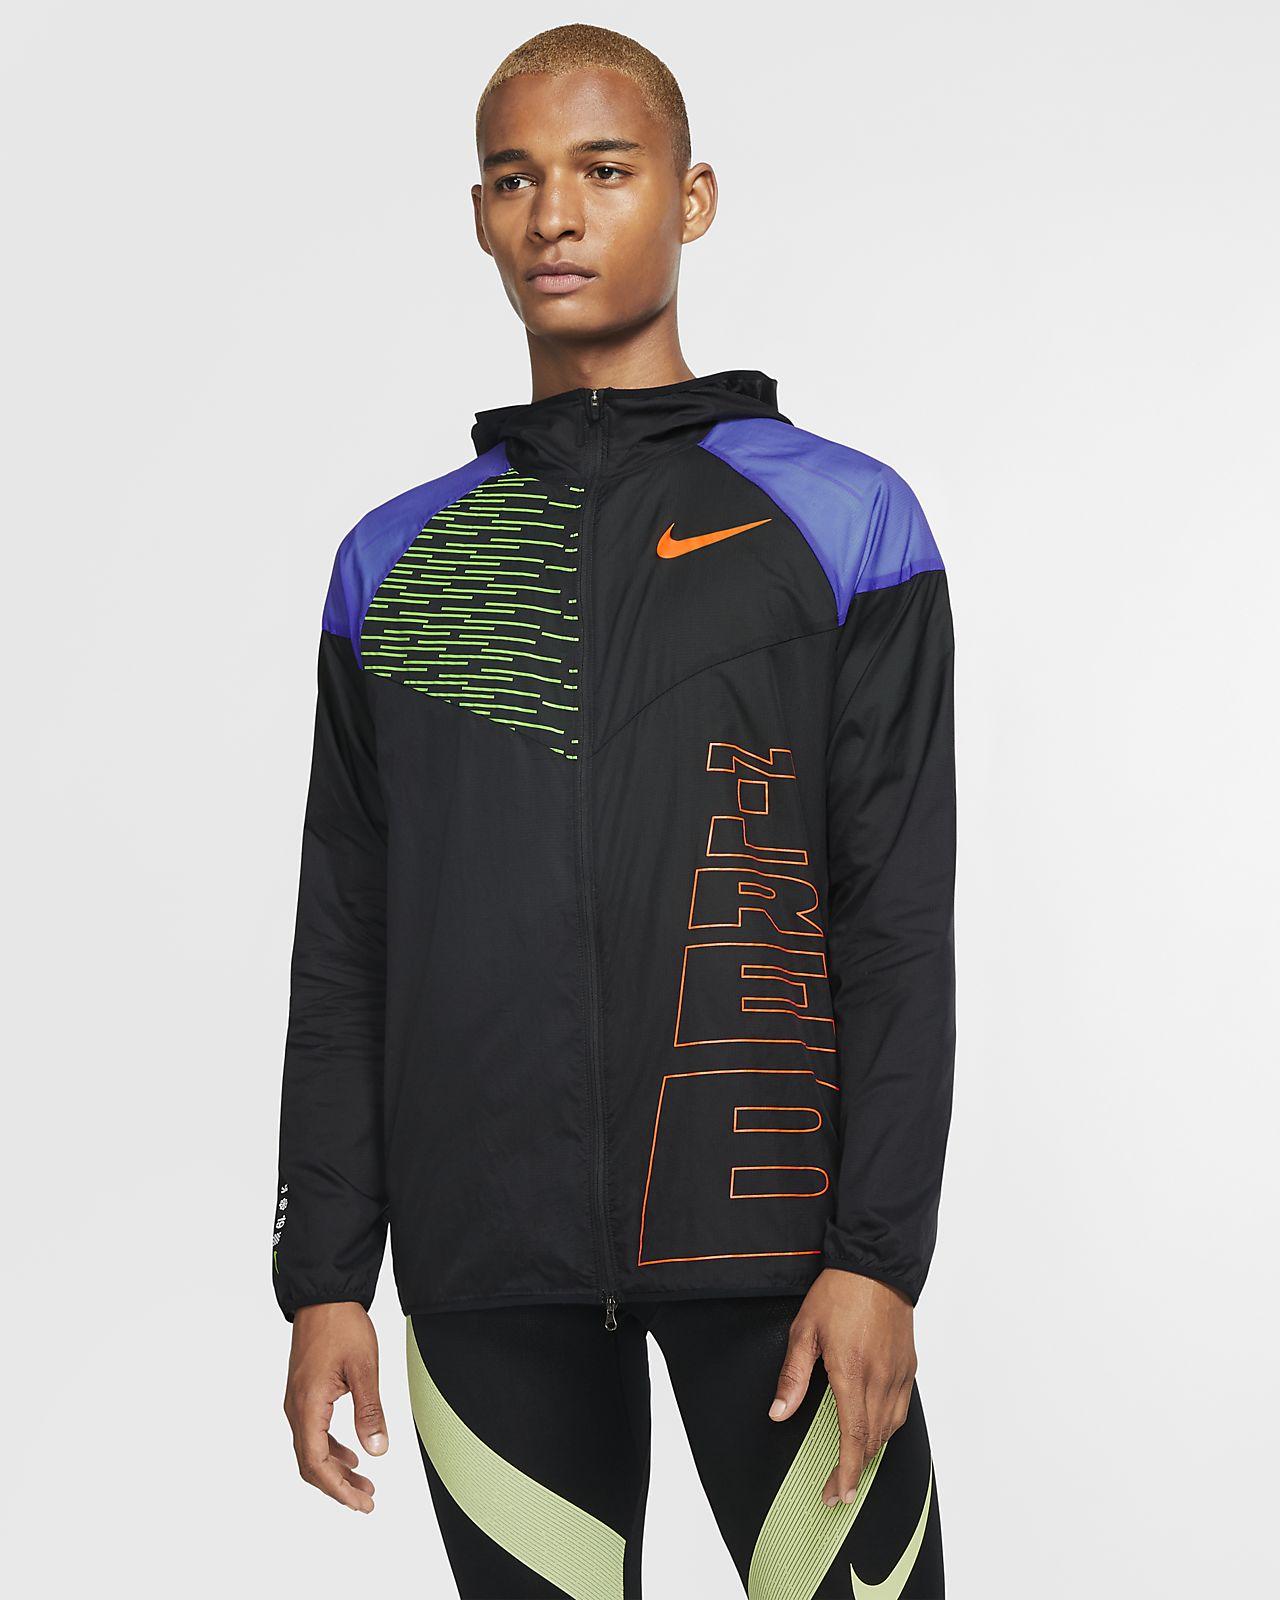 precio de descuento nueva especiales rebajas outlet Nike Running Berlin Chaqueta Windrunner - Hombre